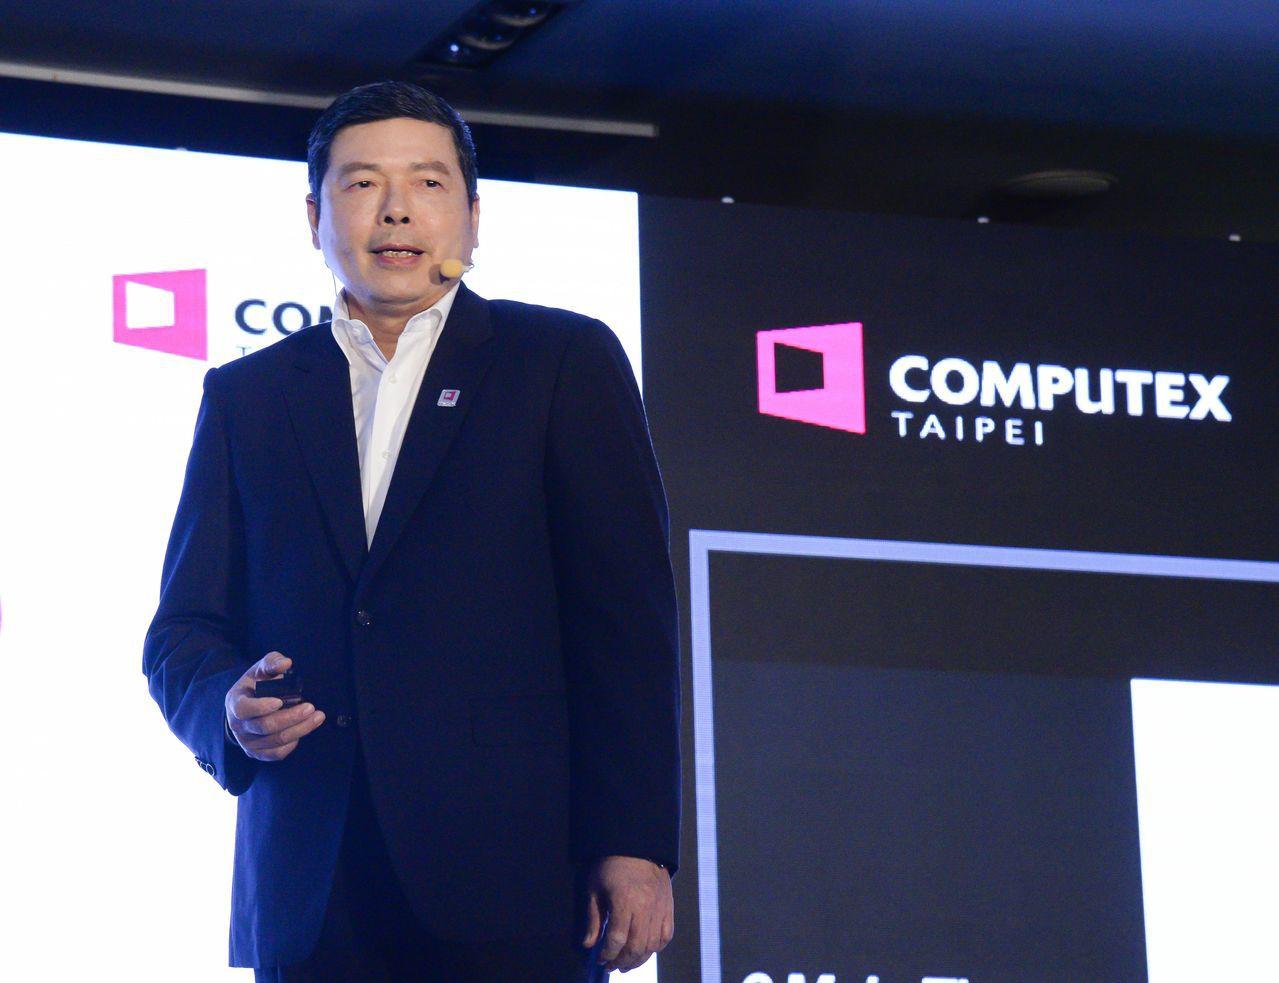 外貿協會秘書長葉明水今(2)日宣布COMPUTEX_2019展前國際記者會將於5...